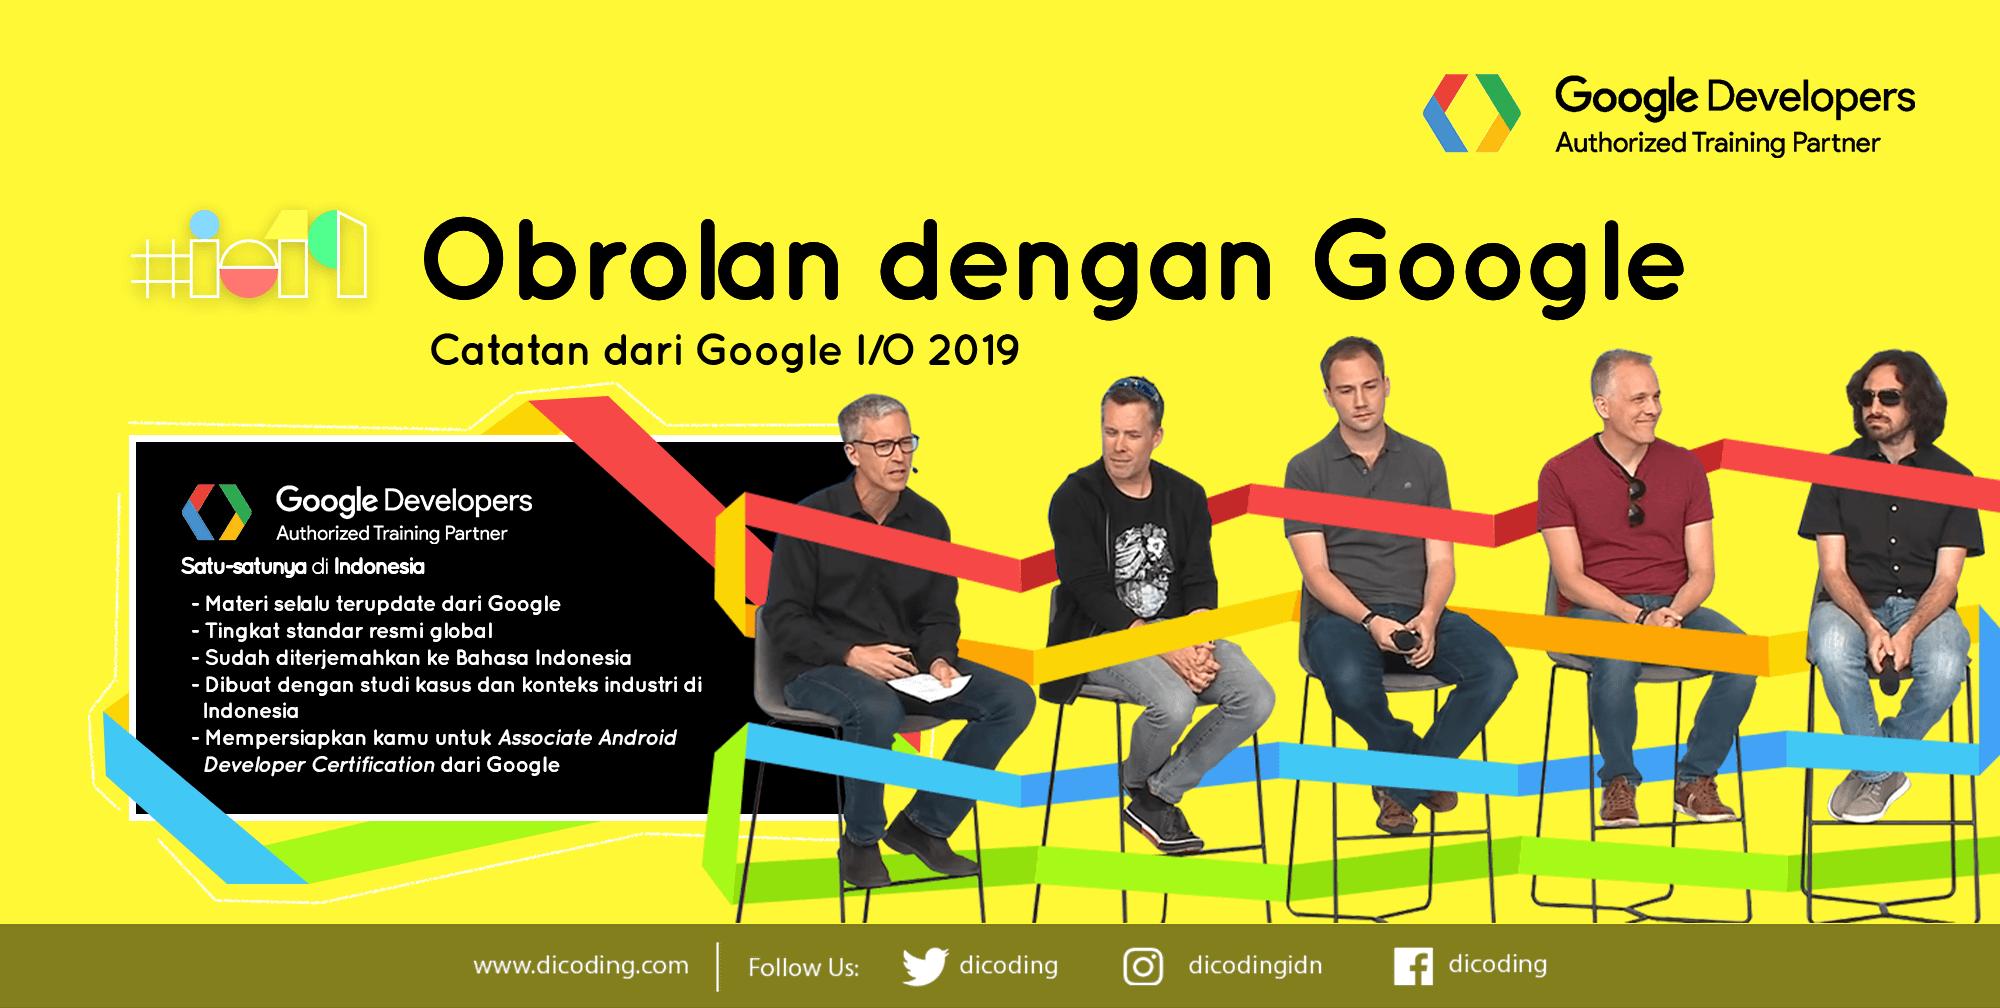 Obrolan android dengan tim Google di Google I/O 2019